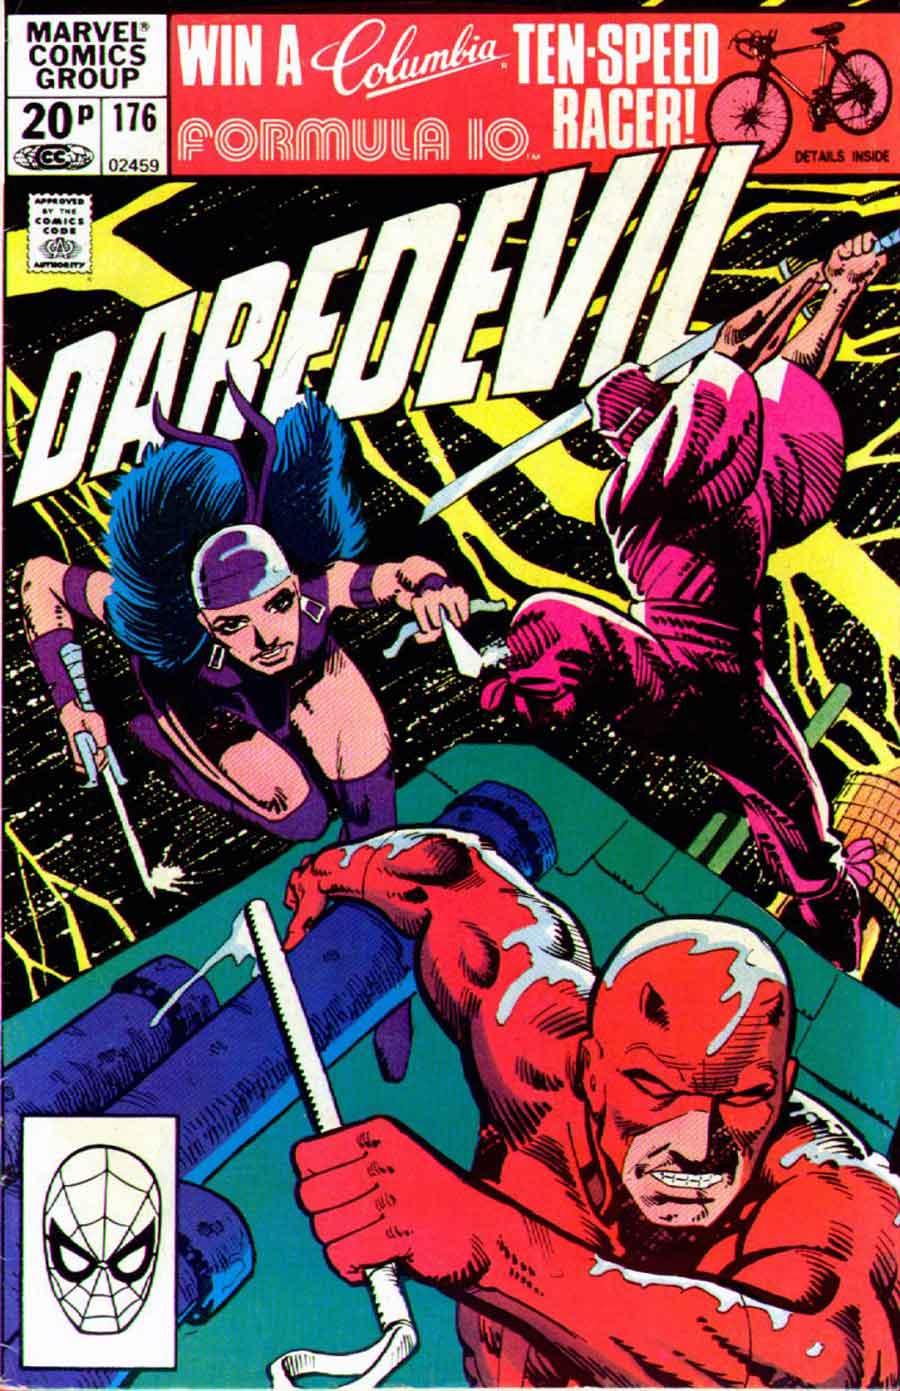 Daredevil v1 #176 elektra marvel comic book cover art by Frank Miller